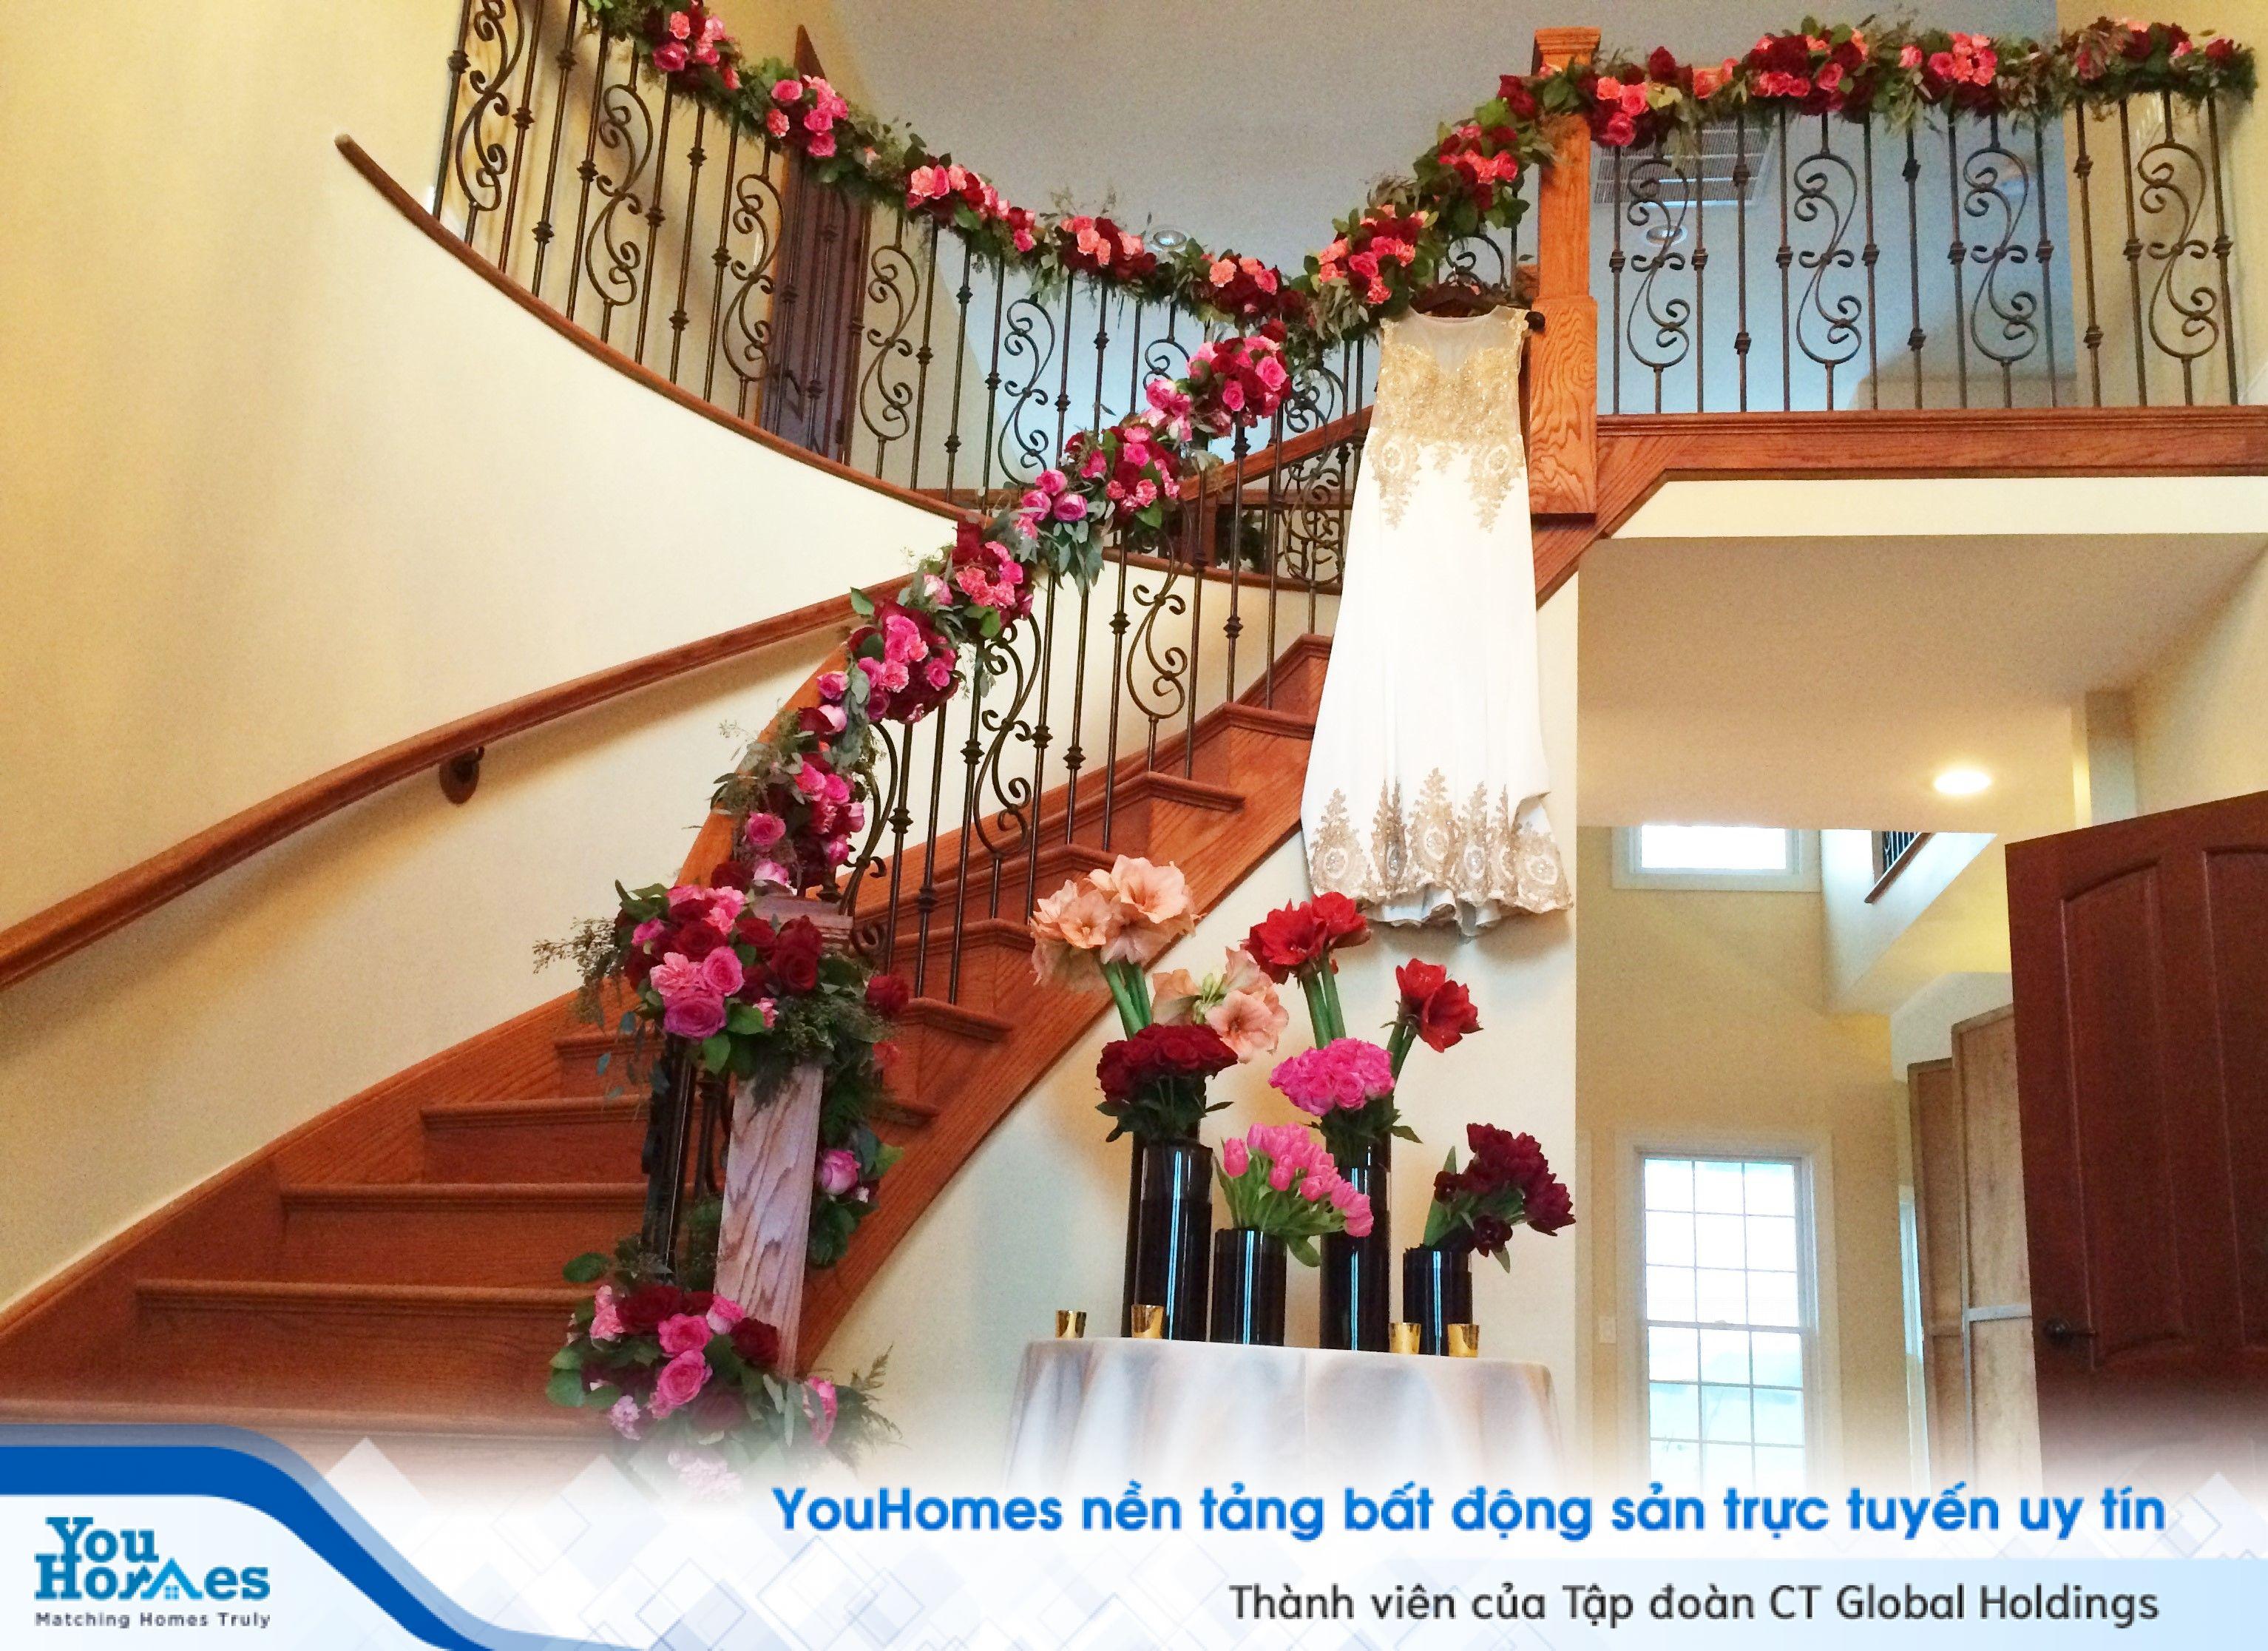 Gợi ý trang trí nhà bằng hoa lãng mạn mừng ngày 20/10 cho đấng mày râu